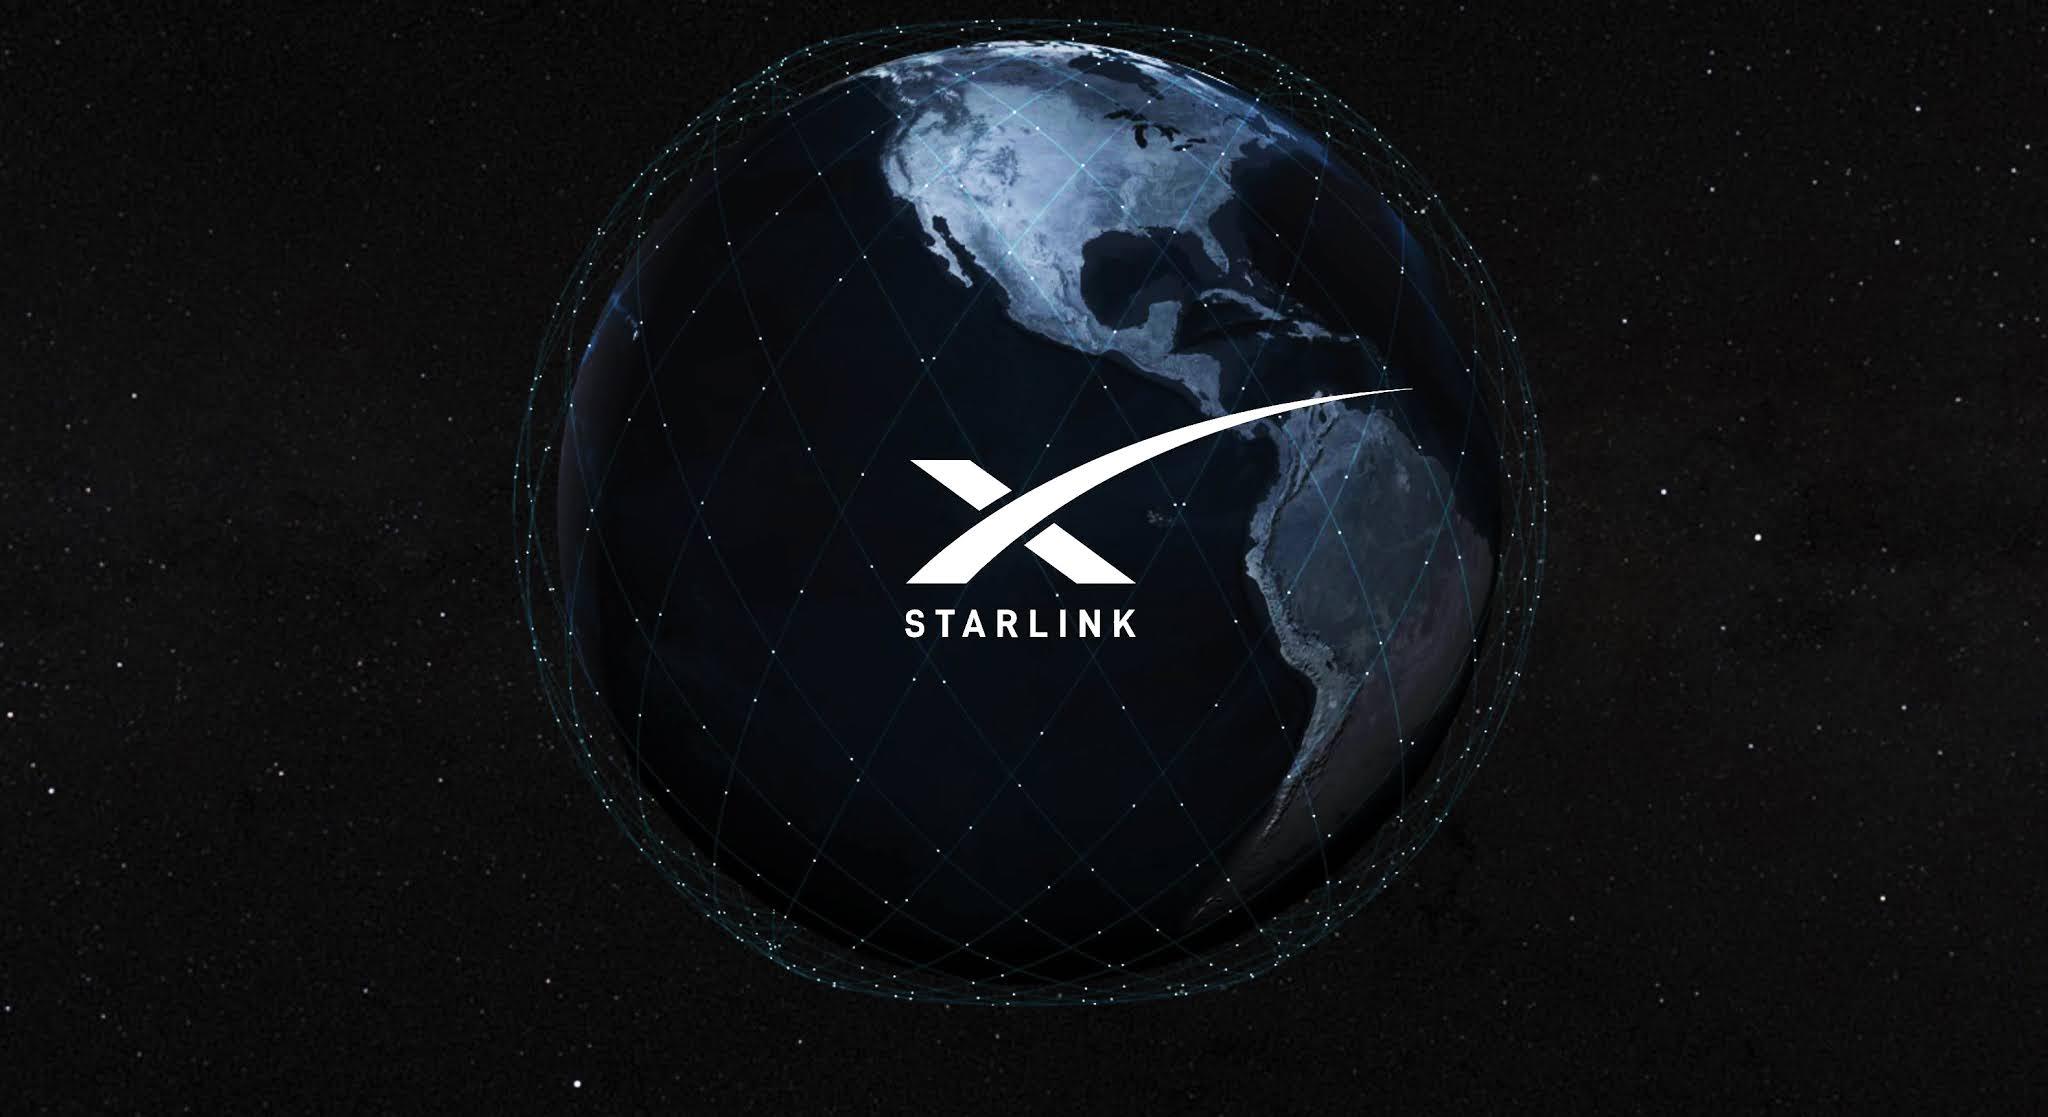 أخبار جديدة للحصول علي الانترنت الهوائي ستارلنك starlink